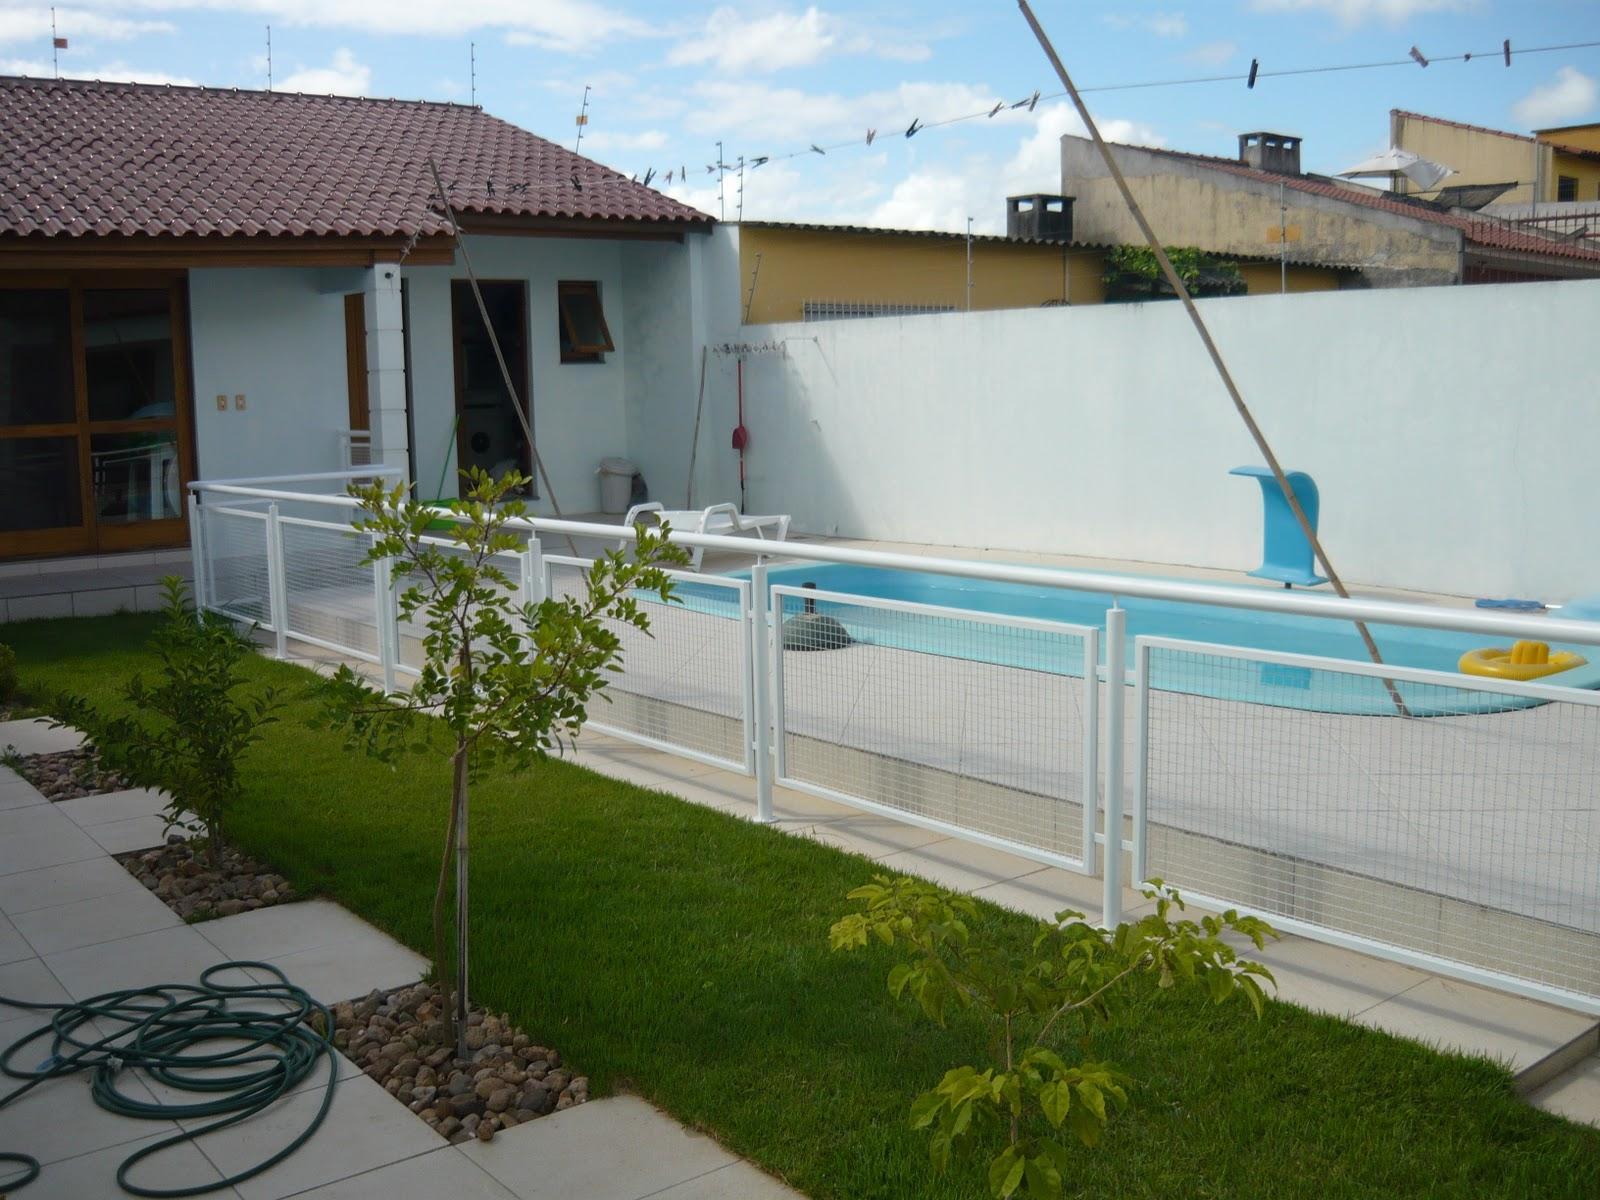 Samfel serralheria guarda corpo piscina for Piscinas de aluminio